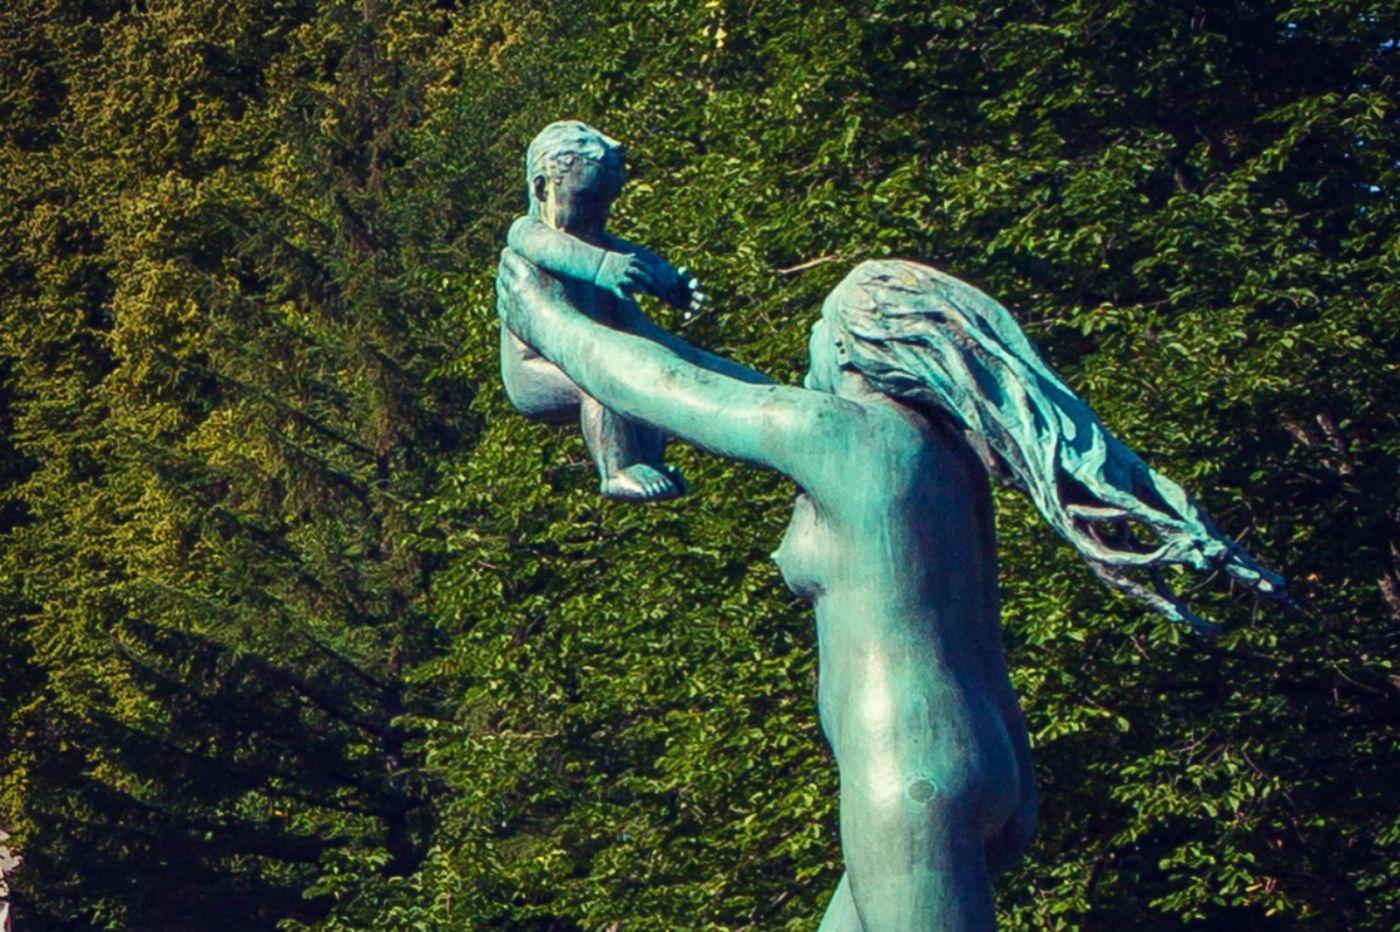 挪威维格兰雕塑公园,风格明显_图1-13